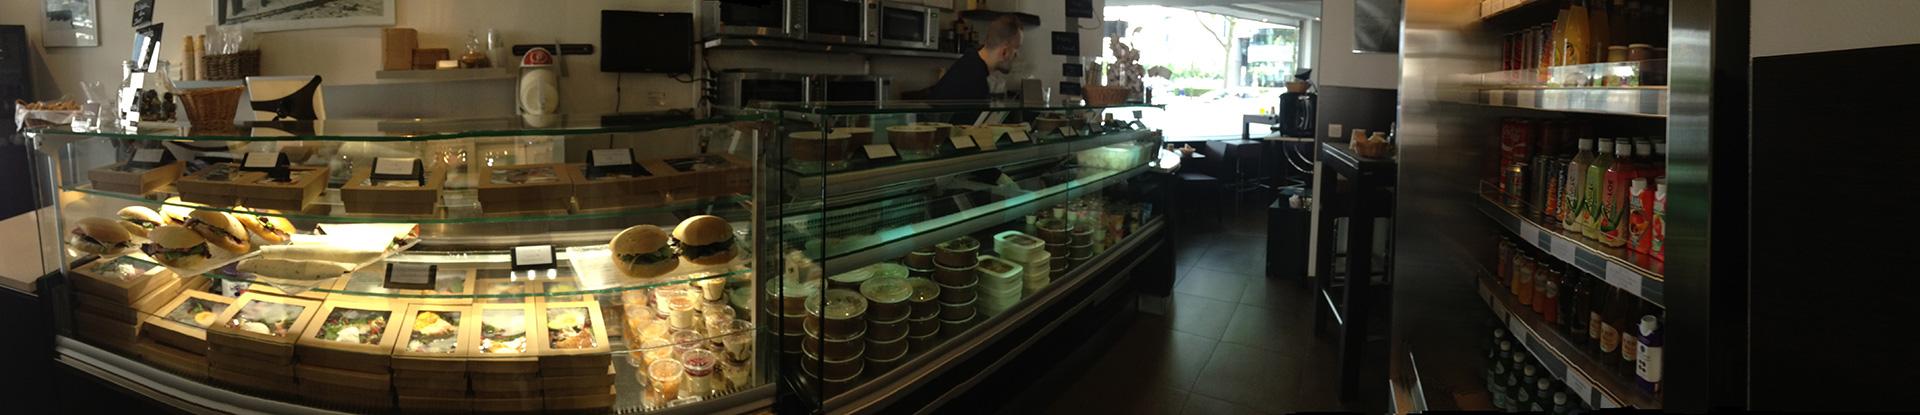 Épicerie fine Boulogne-Billancourt, plats à emporter Boulogne-Billancourt, restaurant italien, traiteur italien Boulogne-Billancourt